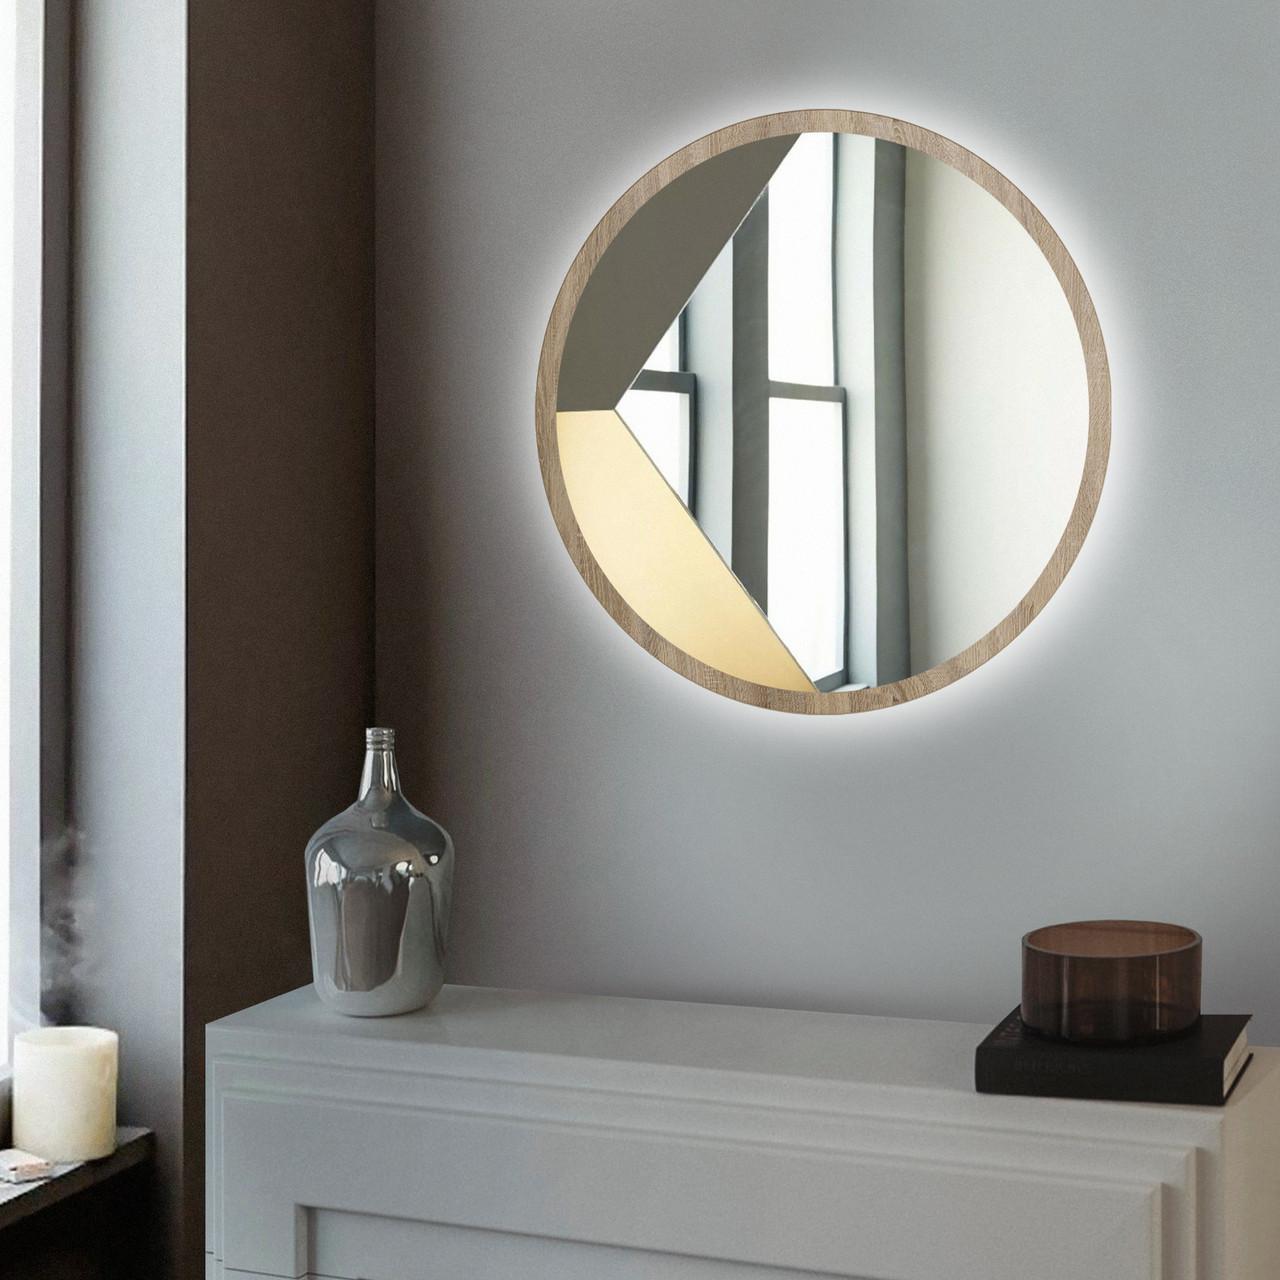 Круглое зеркало с LED подсветкой 600 мм дуб сонома